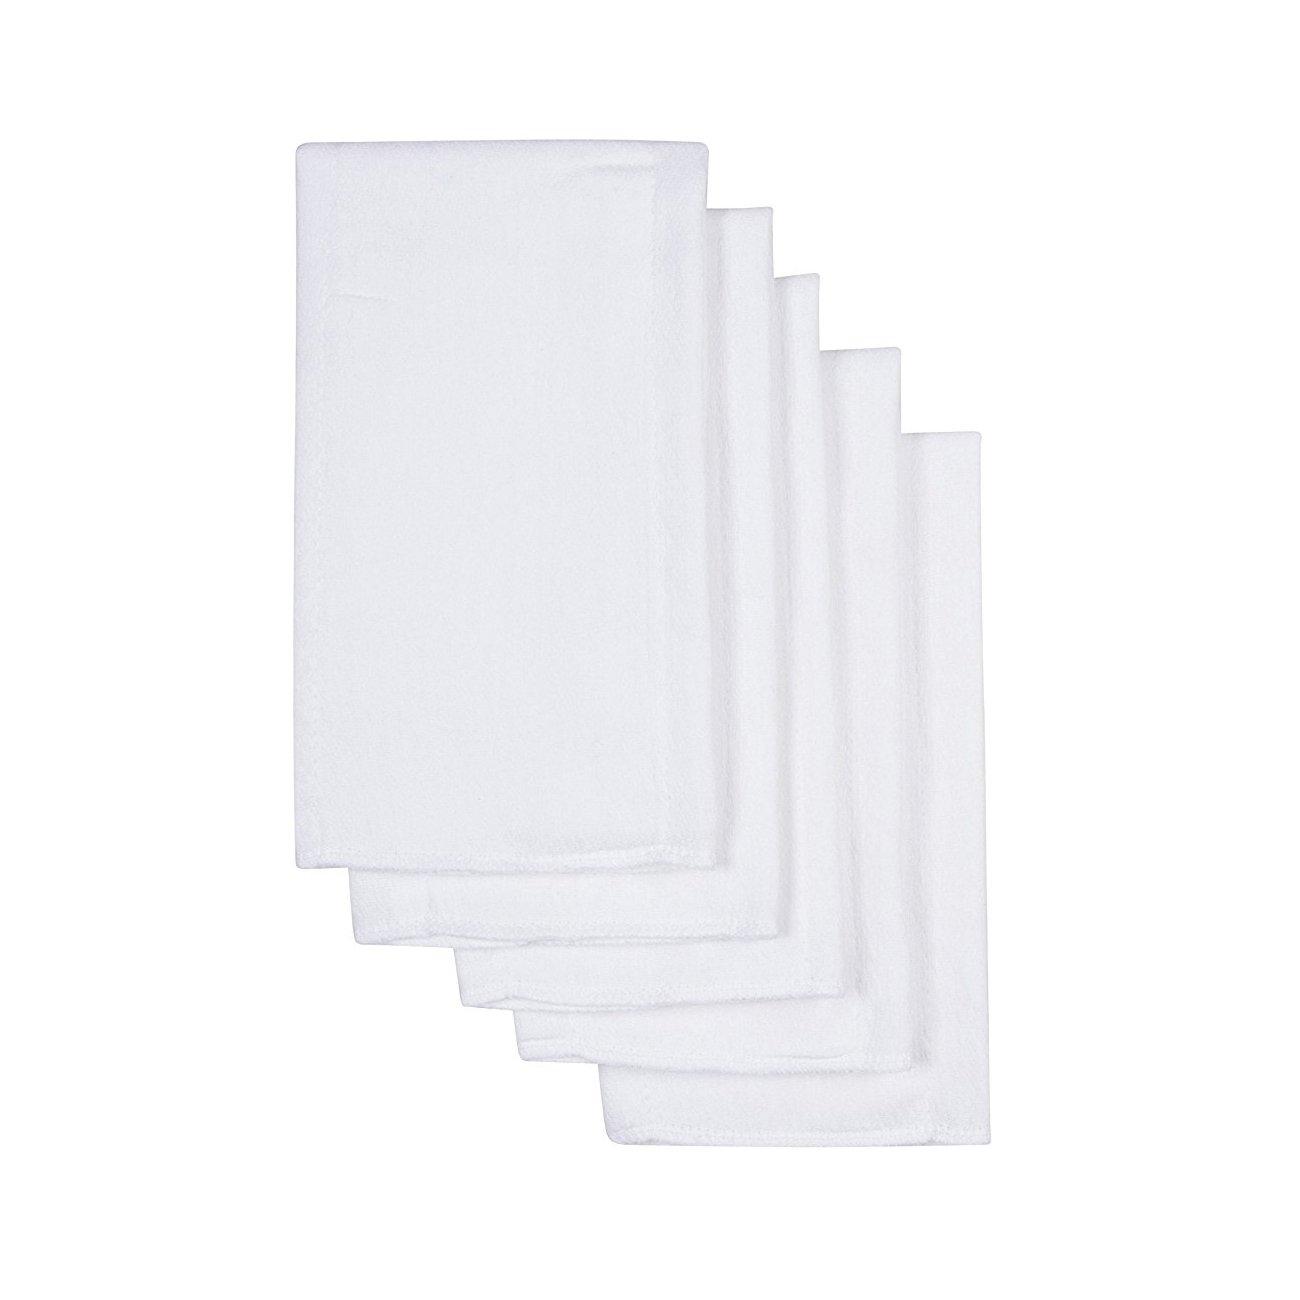 smtf bebé pañales 3capas Prefold Pañales de tela, color blanco, Pack de 10